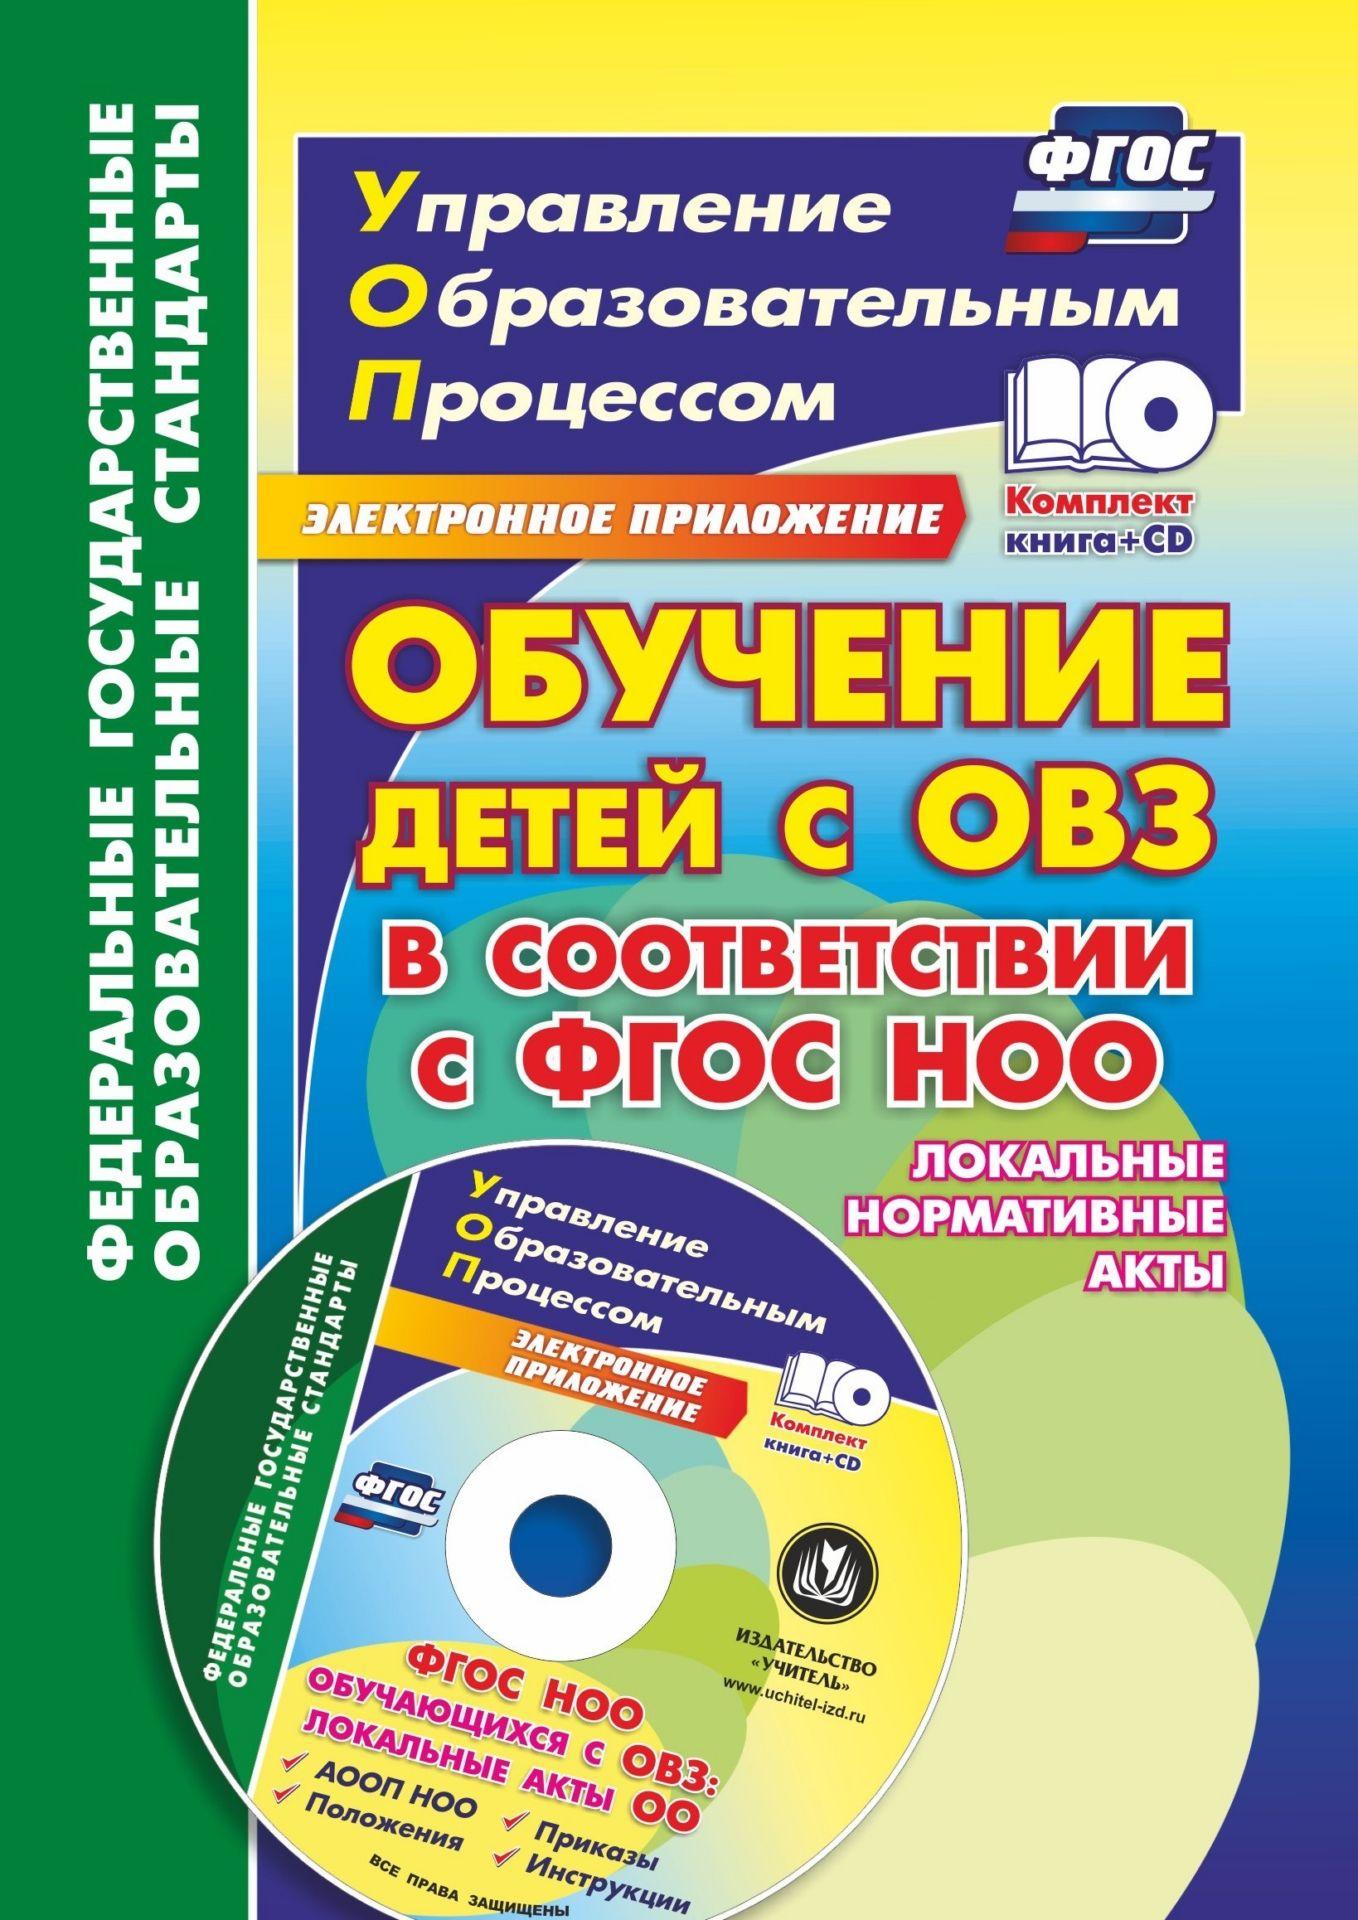 Купить со скидкой Обучение детей с ОВЗ в соответствии с ФГОС НОО: локальные нормативные акты